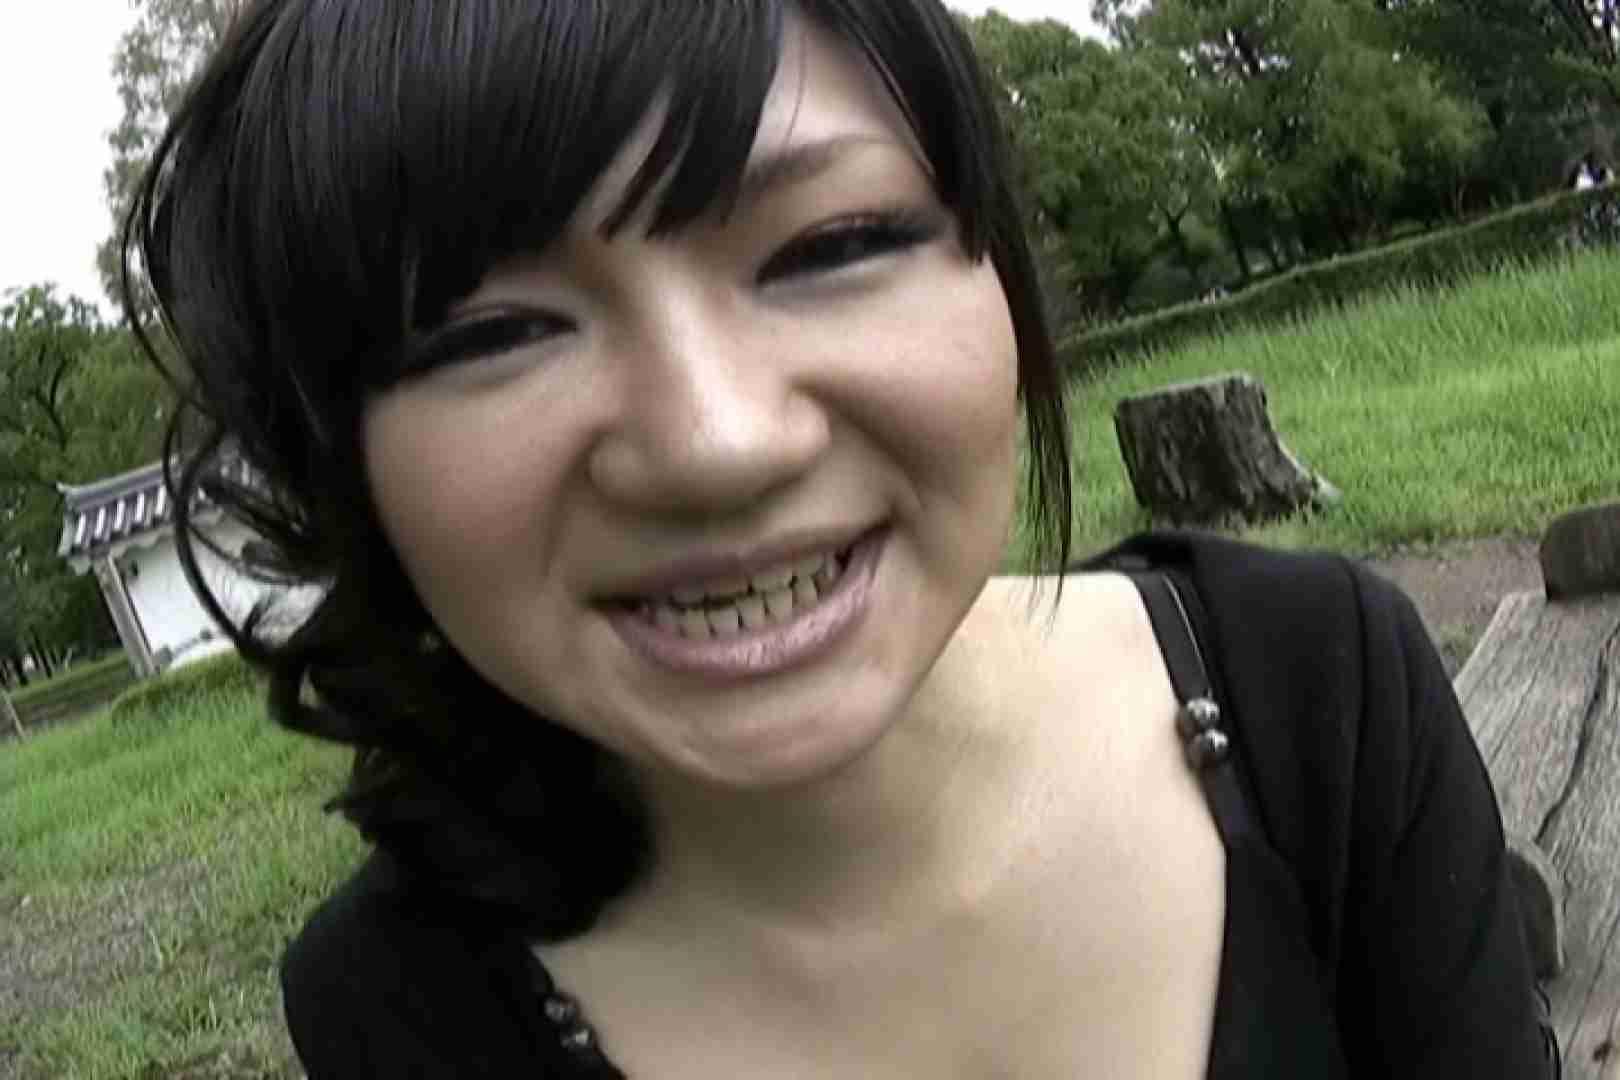 アダルトエロ動画|ハイビジョンパンチラ オッテQさんの追跡パンチラ制服女子編|大奥